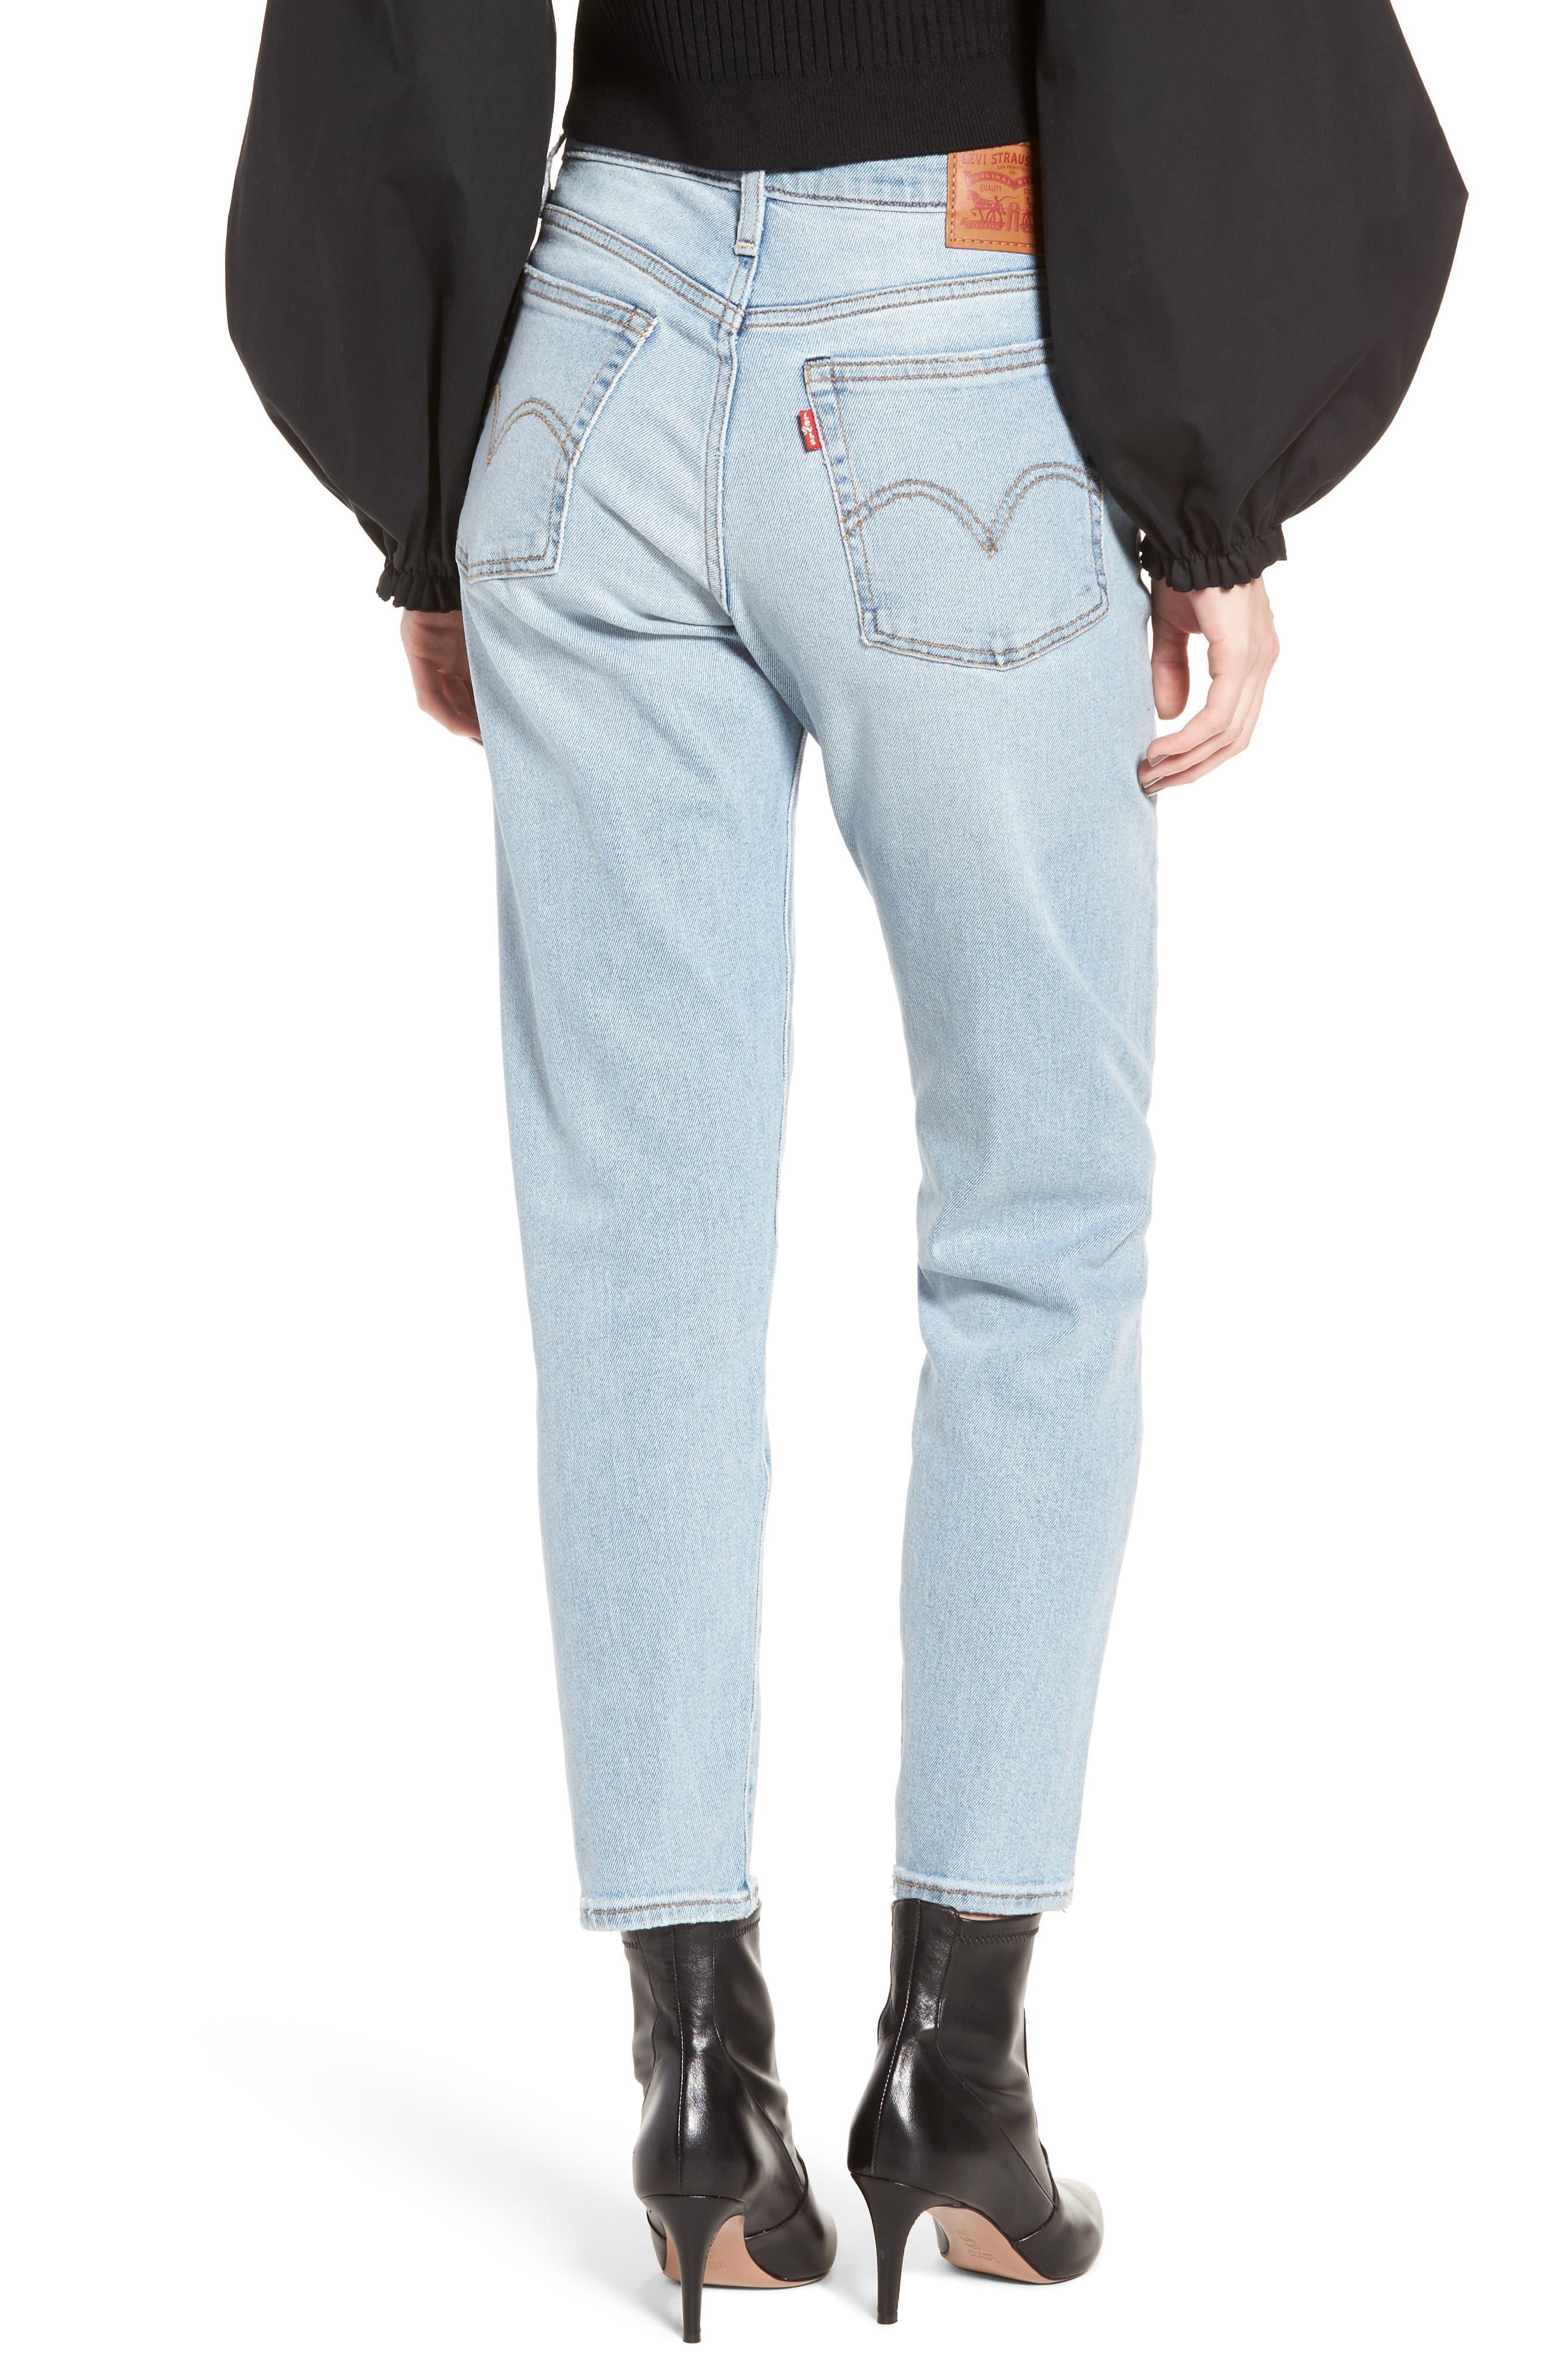 Wedgie Icon Fit High Waist Crop Jeans,                             Alternate thumbnail 2, color,                             Bauhaus Blues